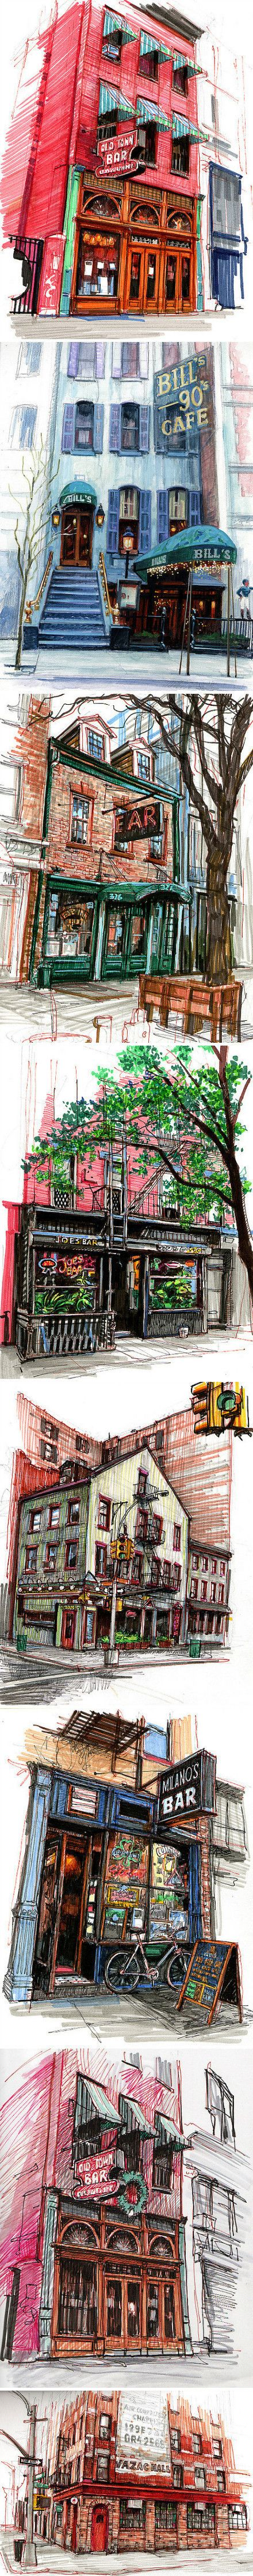 艺术家Stephen Gardner用他的彩笔记录下来一座又一座他光顾过的酒吧和咖啡馆,画面非常纪实并具有场景感,仿佛诉说着每个酒吧或咖啡馆曾经发生的故事……